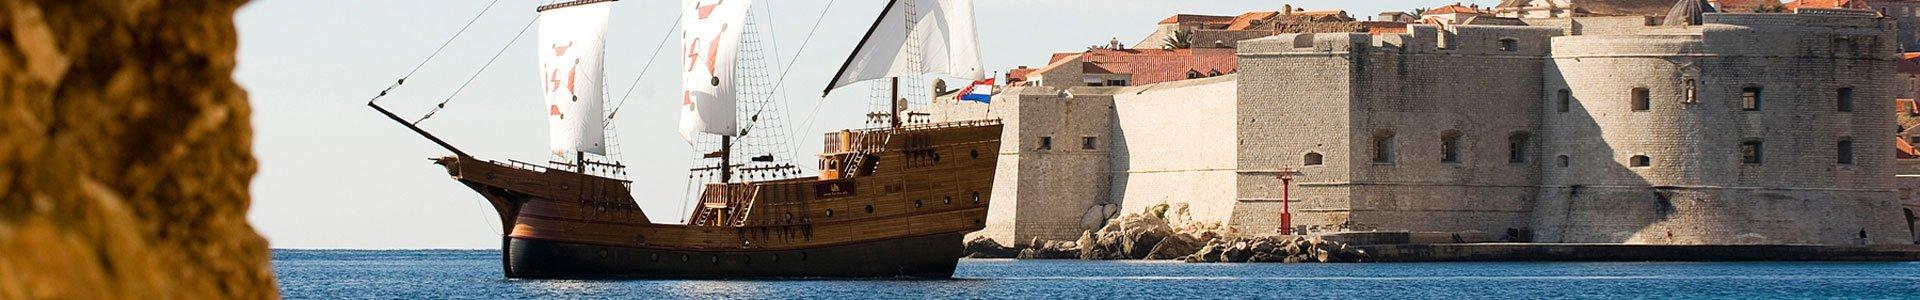 dubrovnik boat karaka